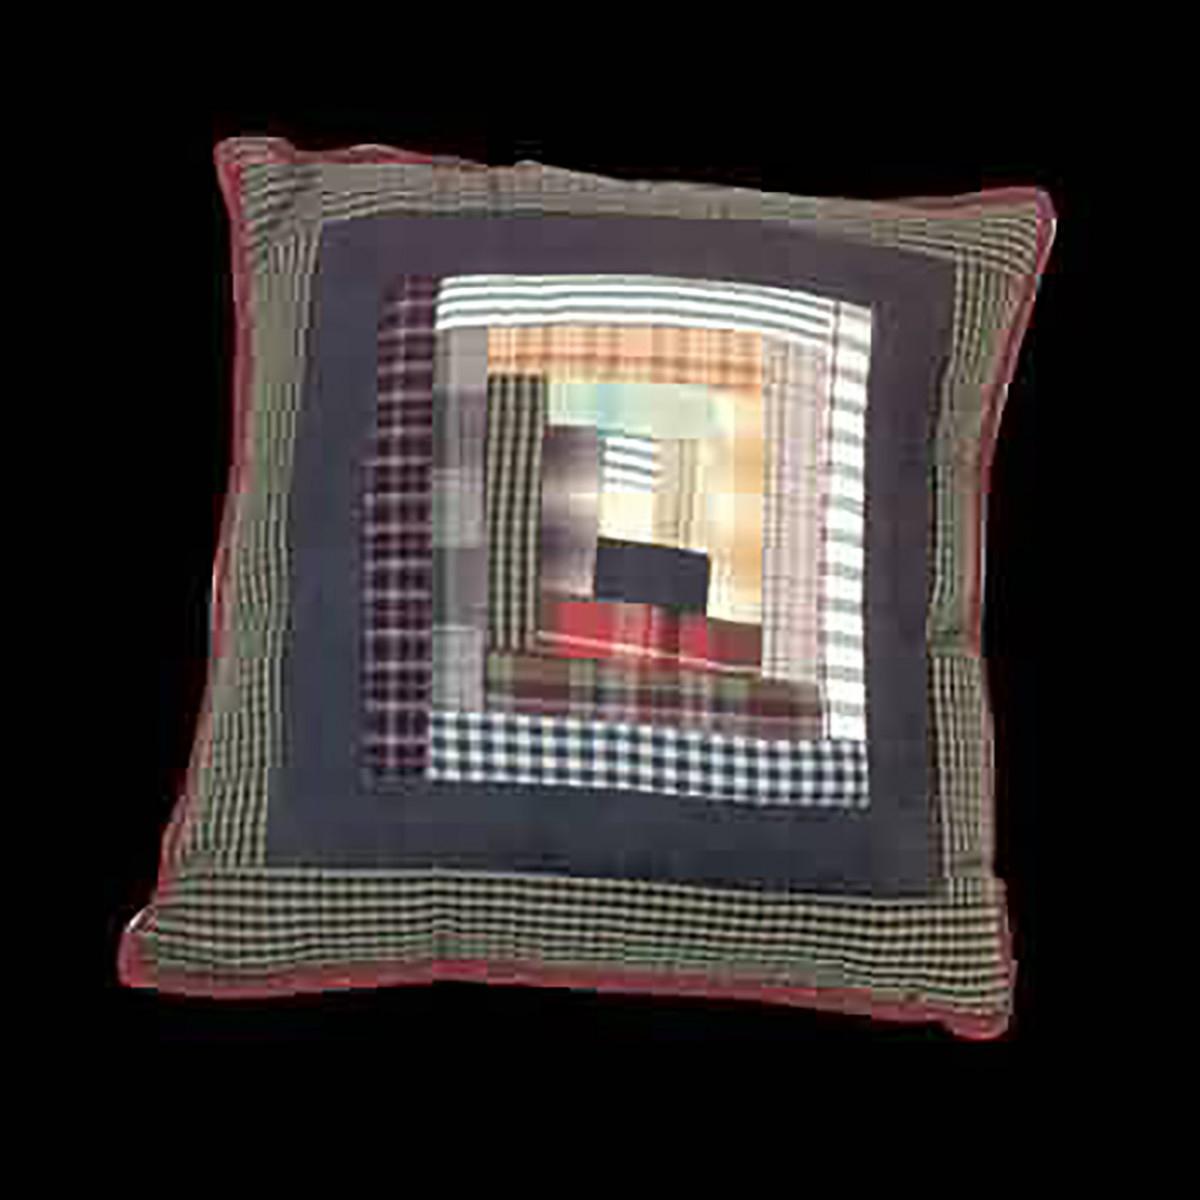 Pillows Quilt Log Cabin Design Pillow Pillows Cotton Pillow Cotton Pillows